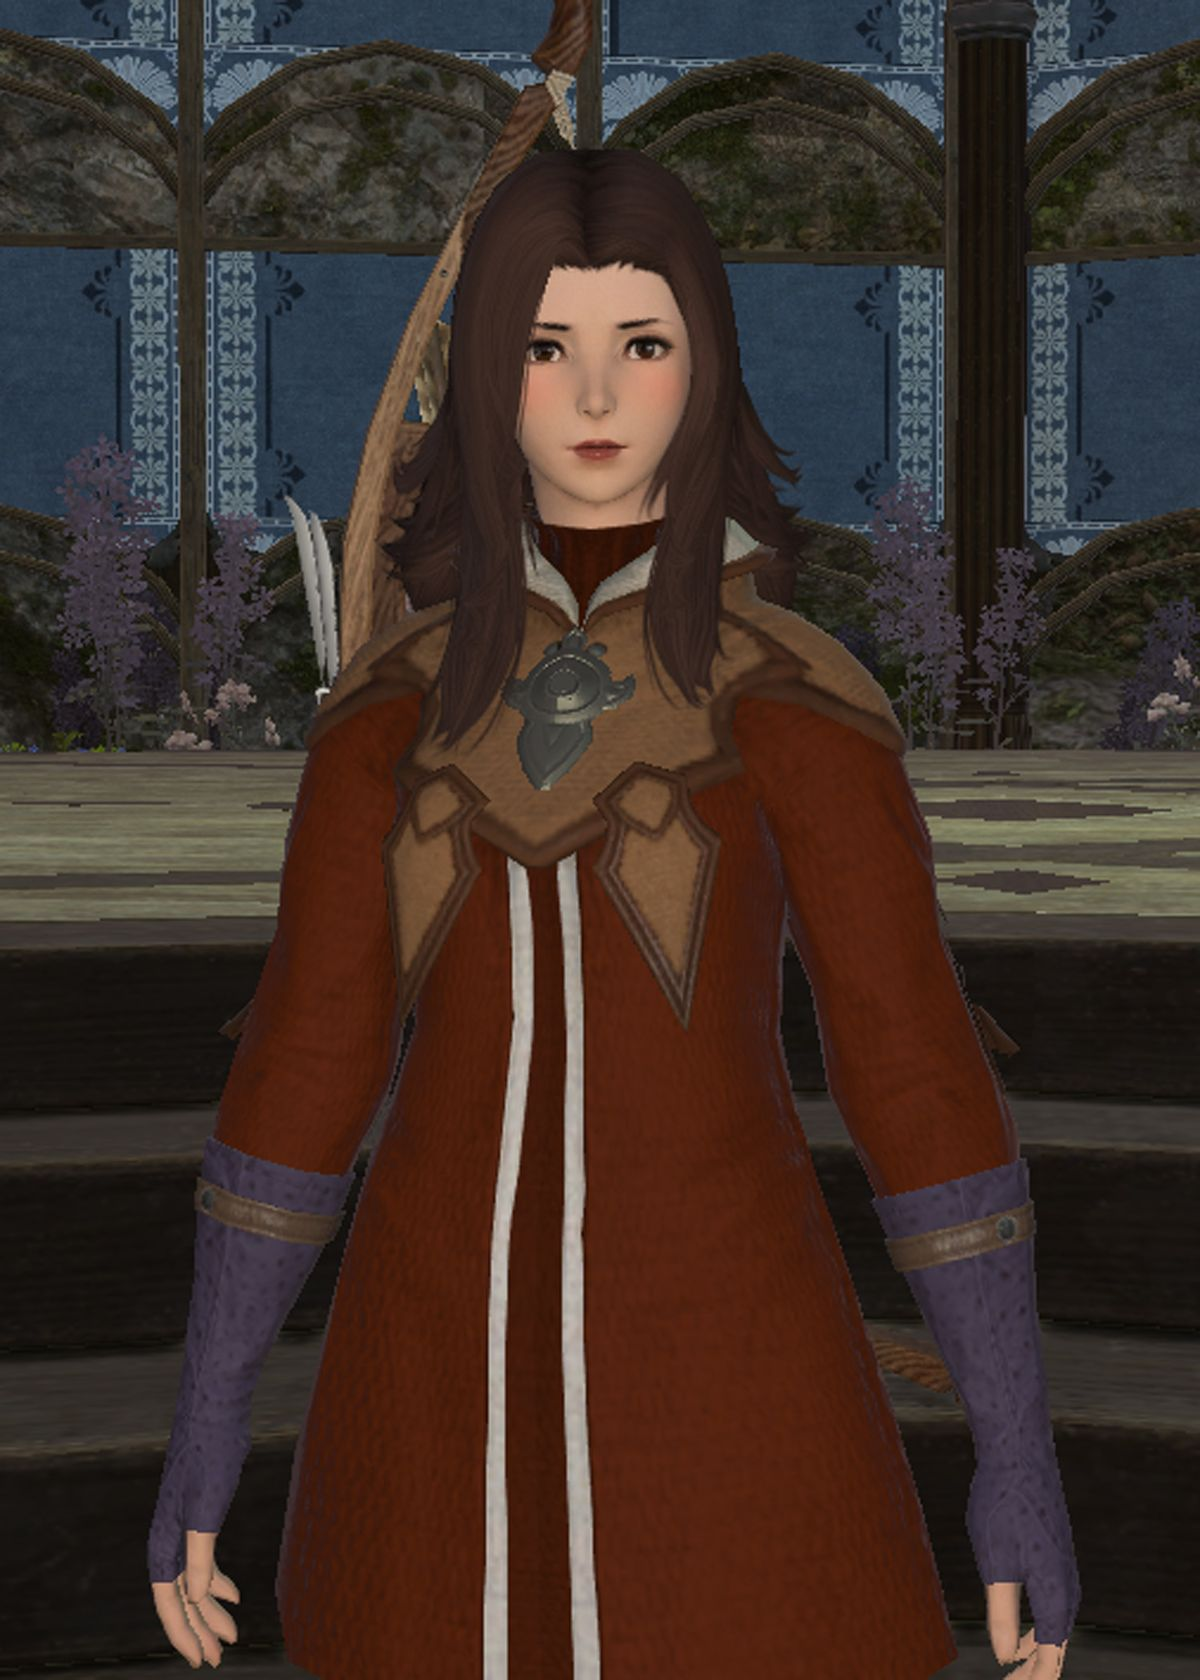 Rust Red Dye - Final Fantasy XIV: A Realm Reborn (FFXIV) Wiki